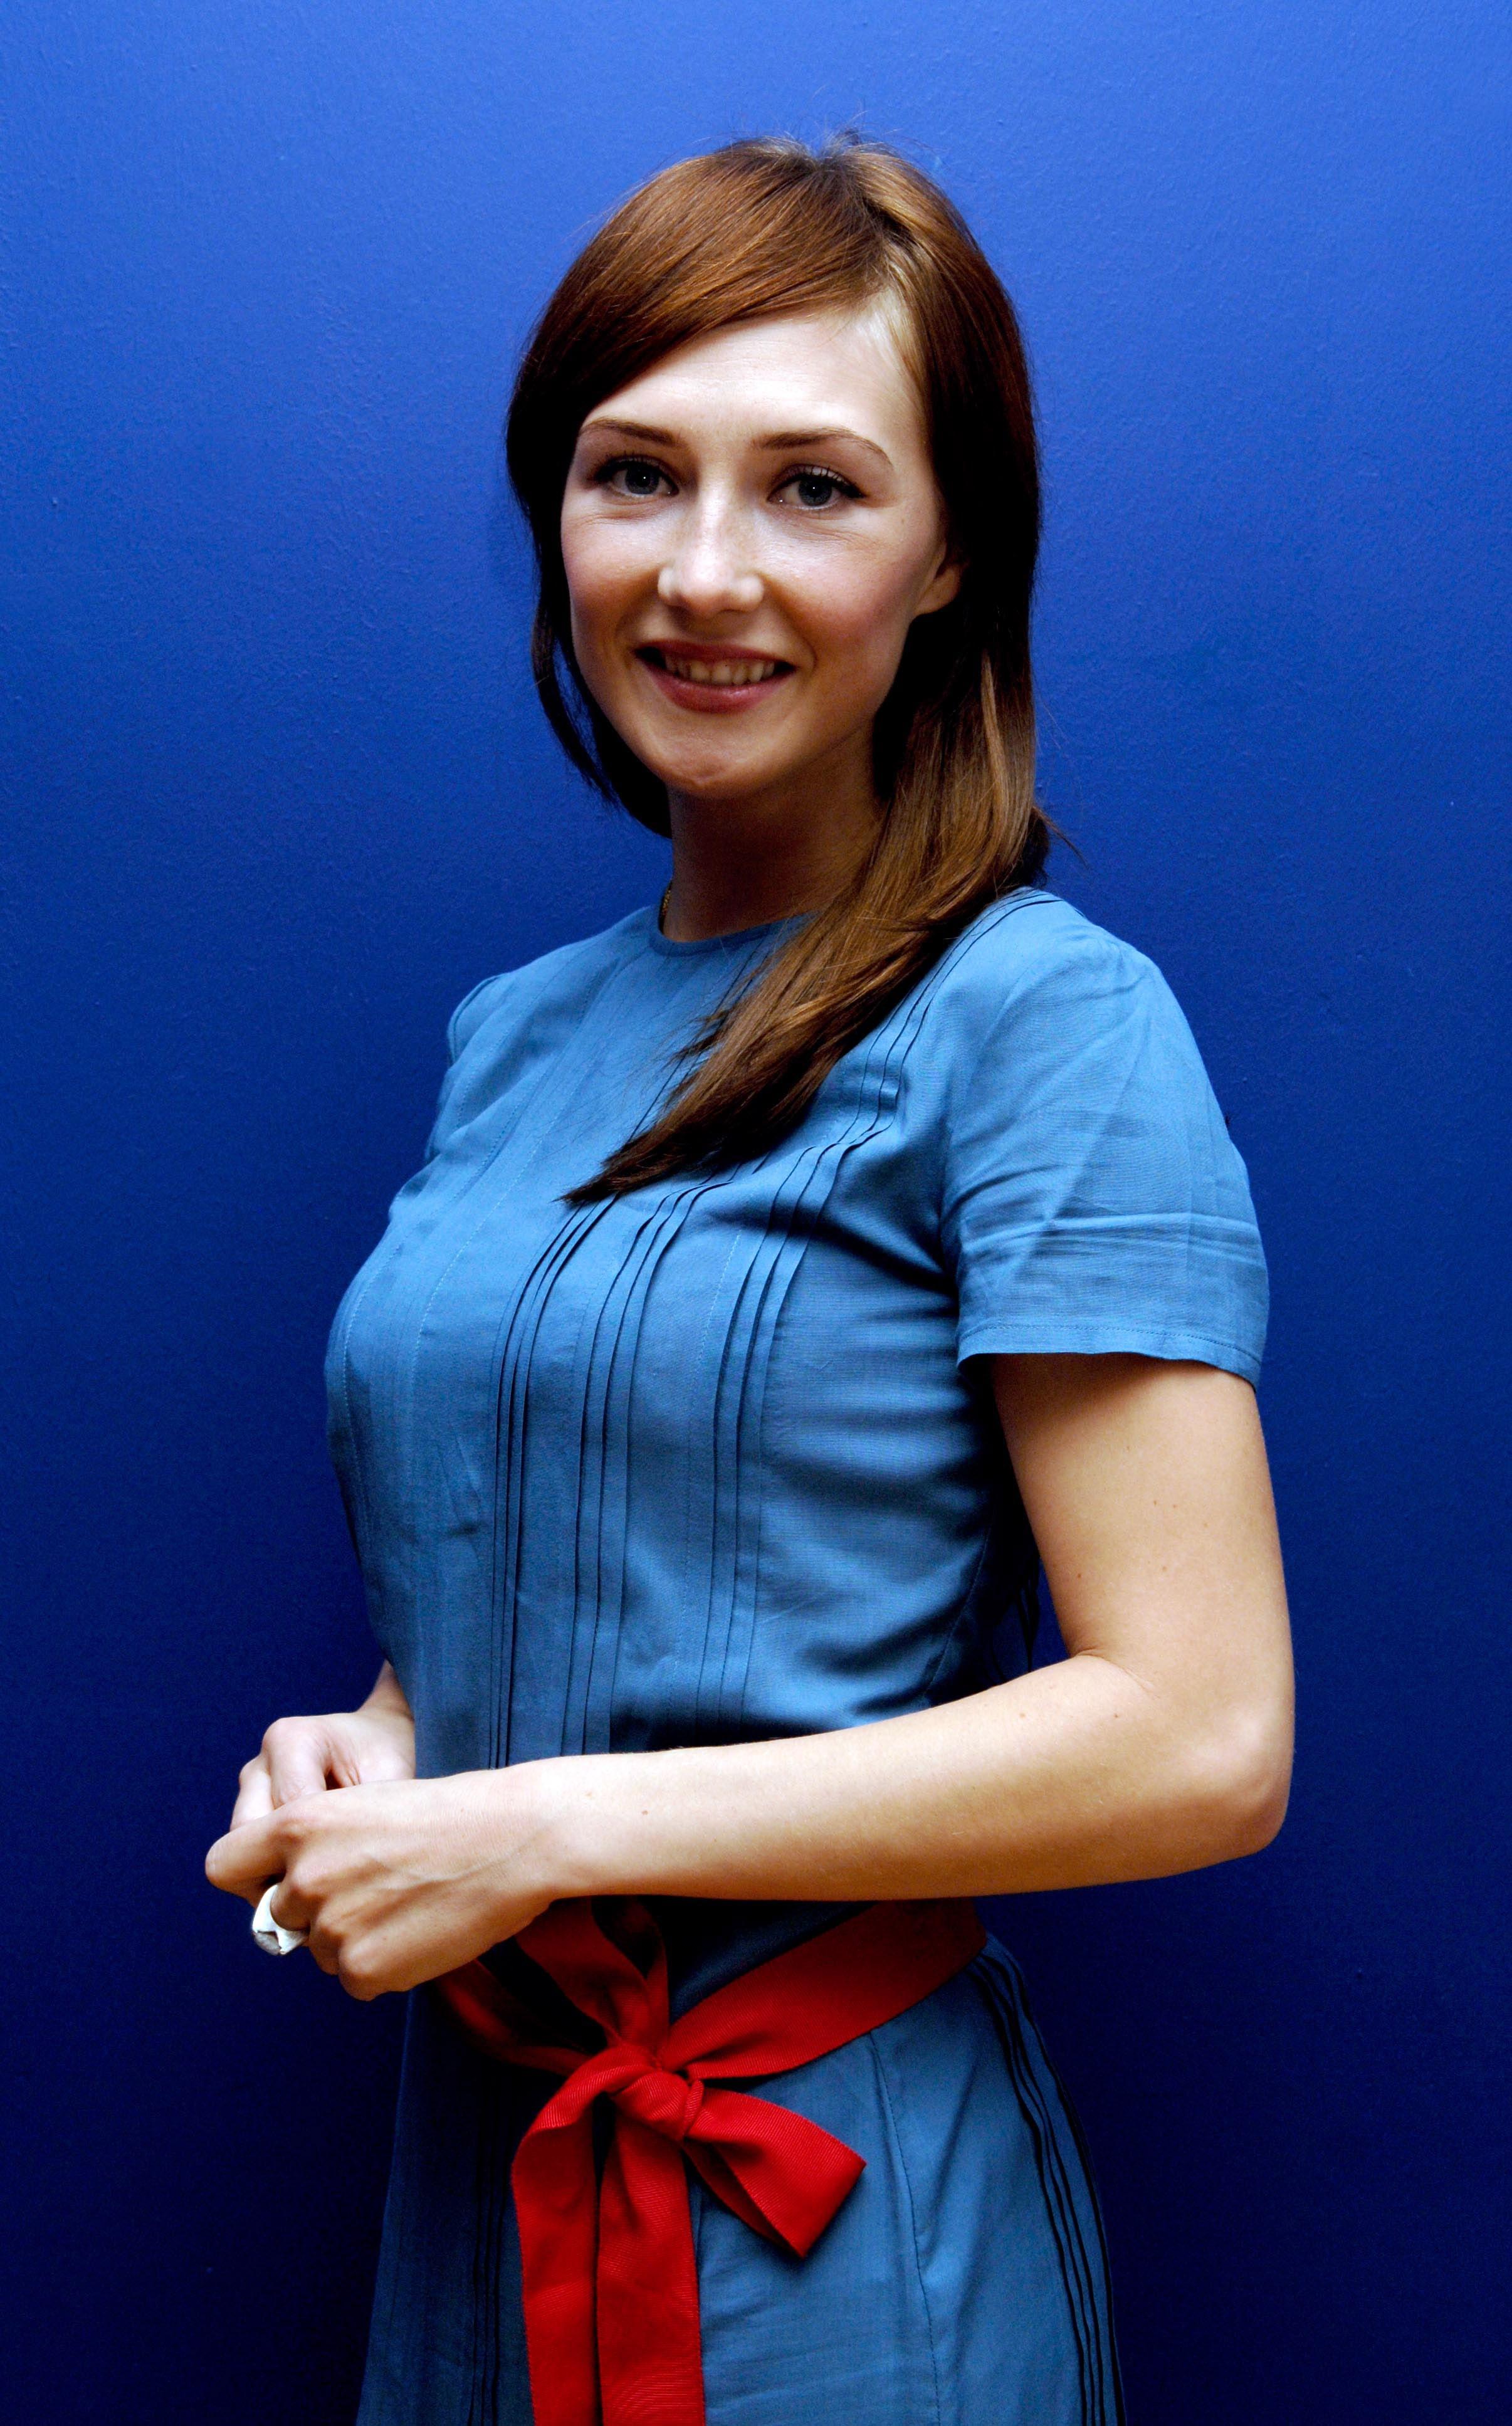 Carice Van Houten Backgrounds